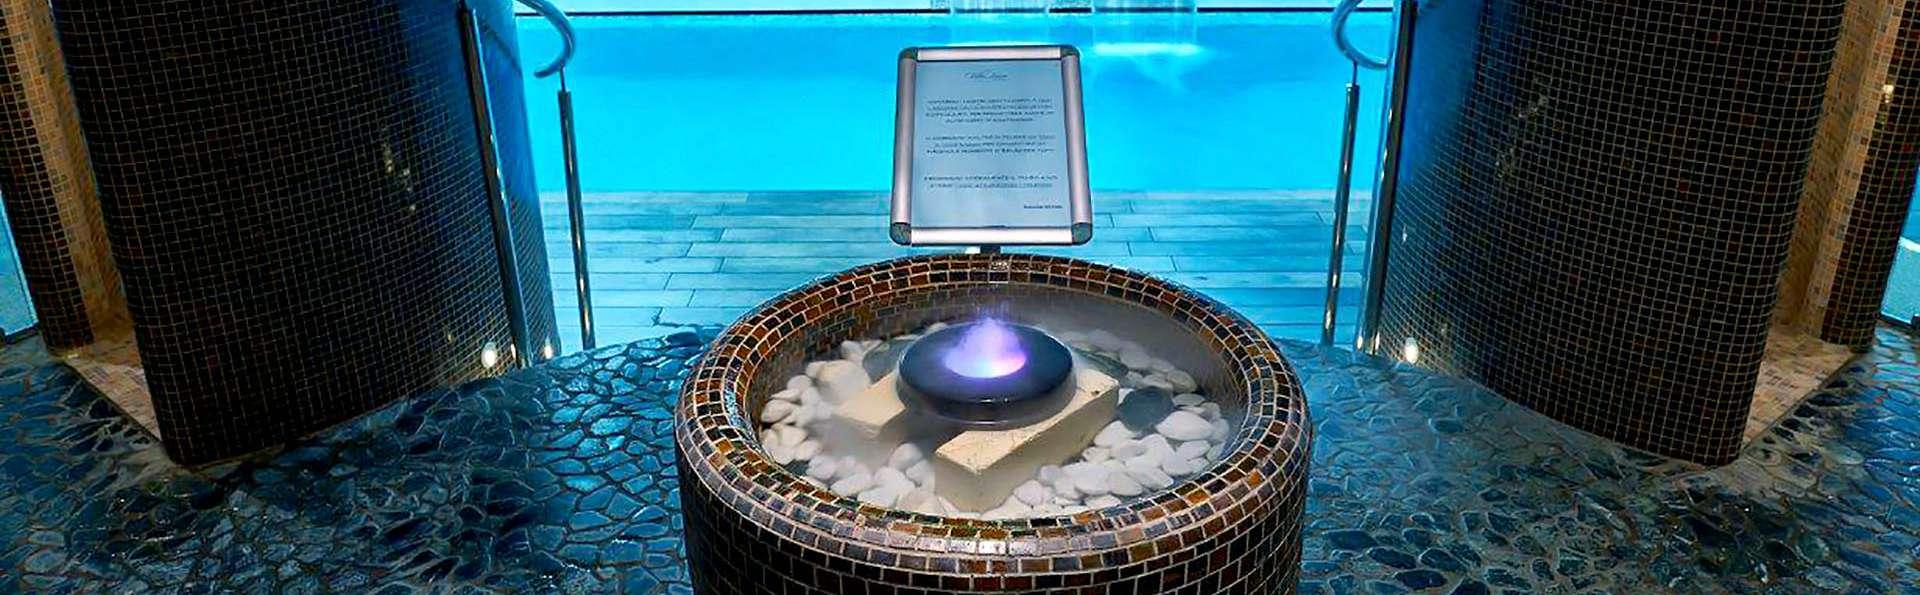 Séjour à prix réduit avec accès au spa sur les rives du Lac de Garde !